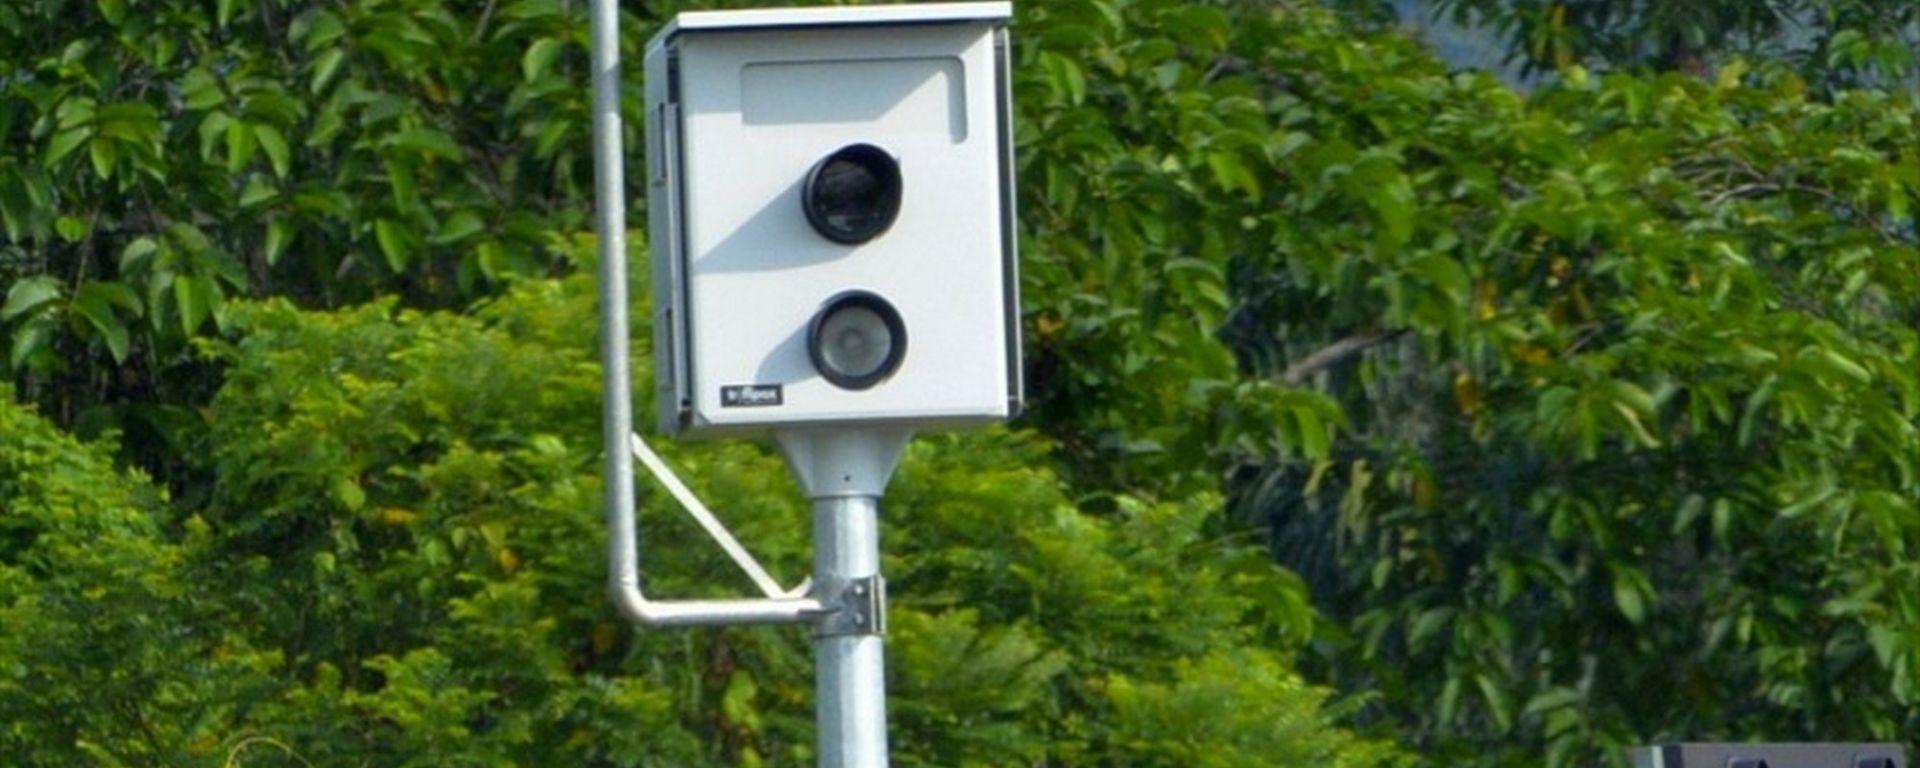 Smartphone alla guida, in Malesia videocamere per elevare multe